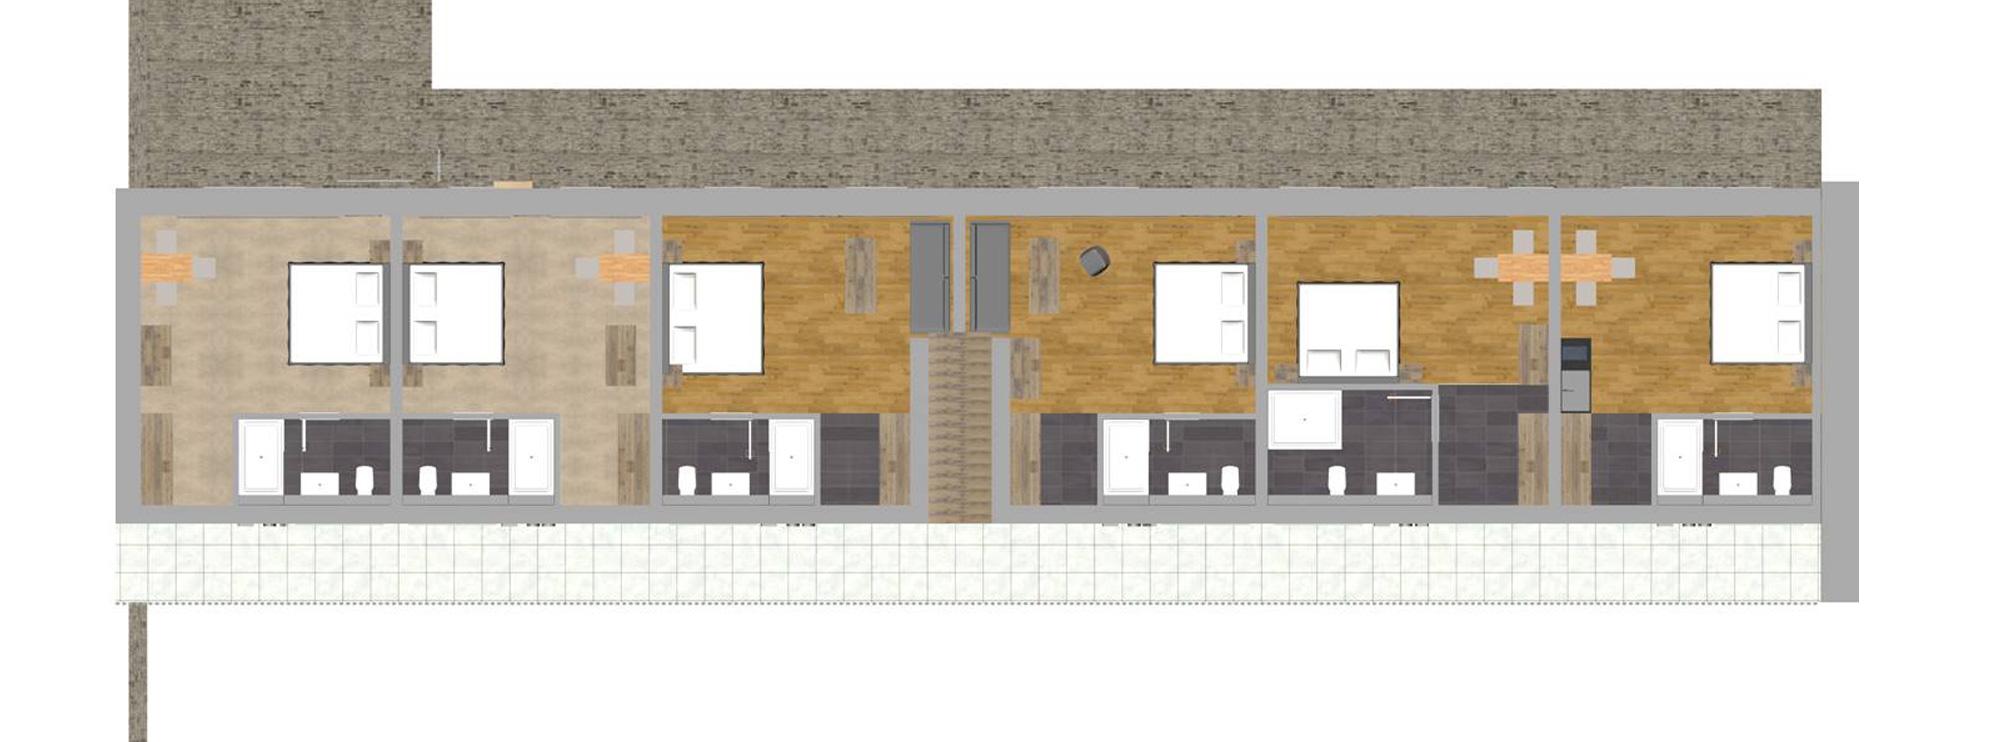 Gästehaus Lausnitz Zimmerplan